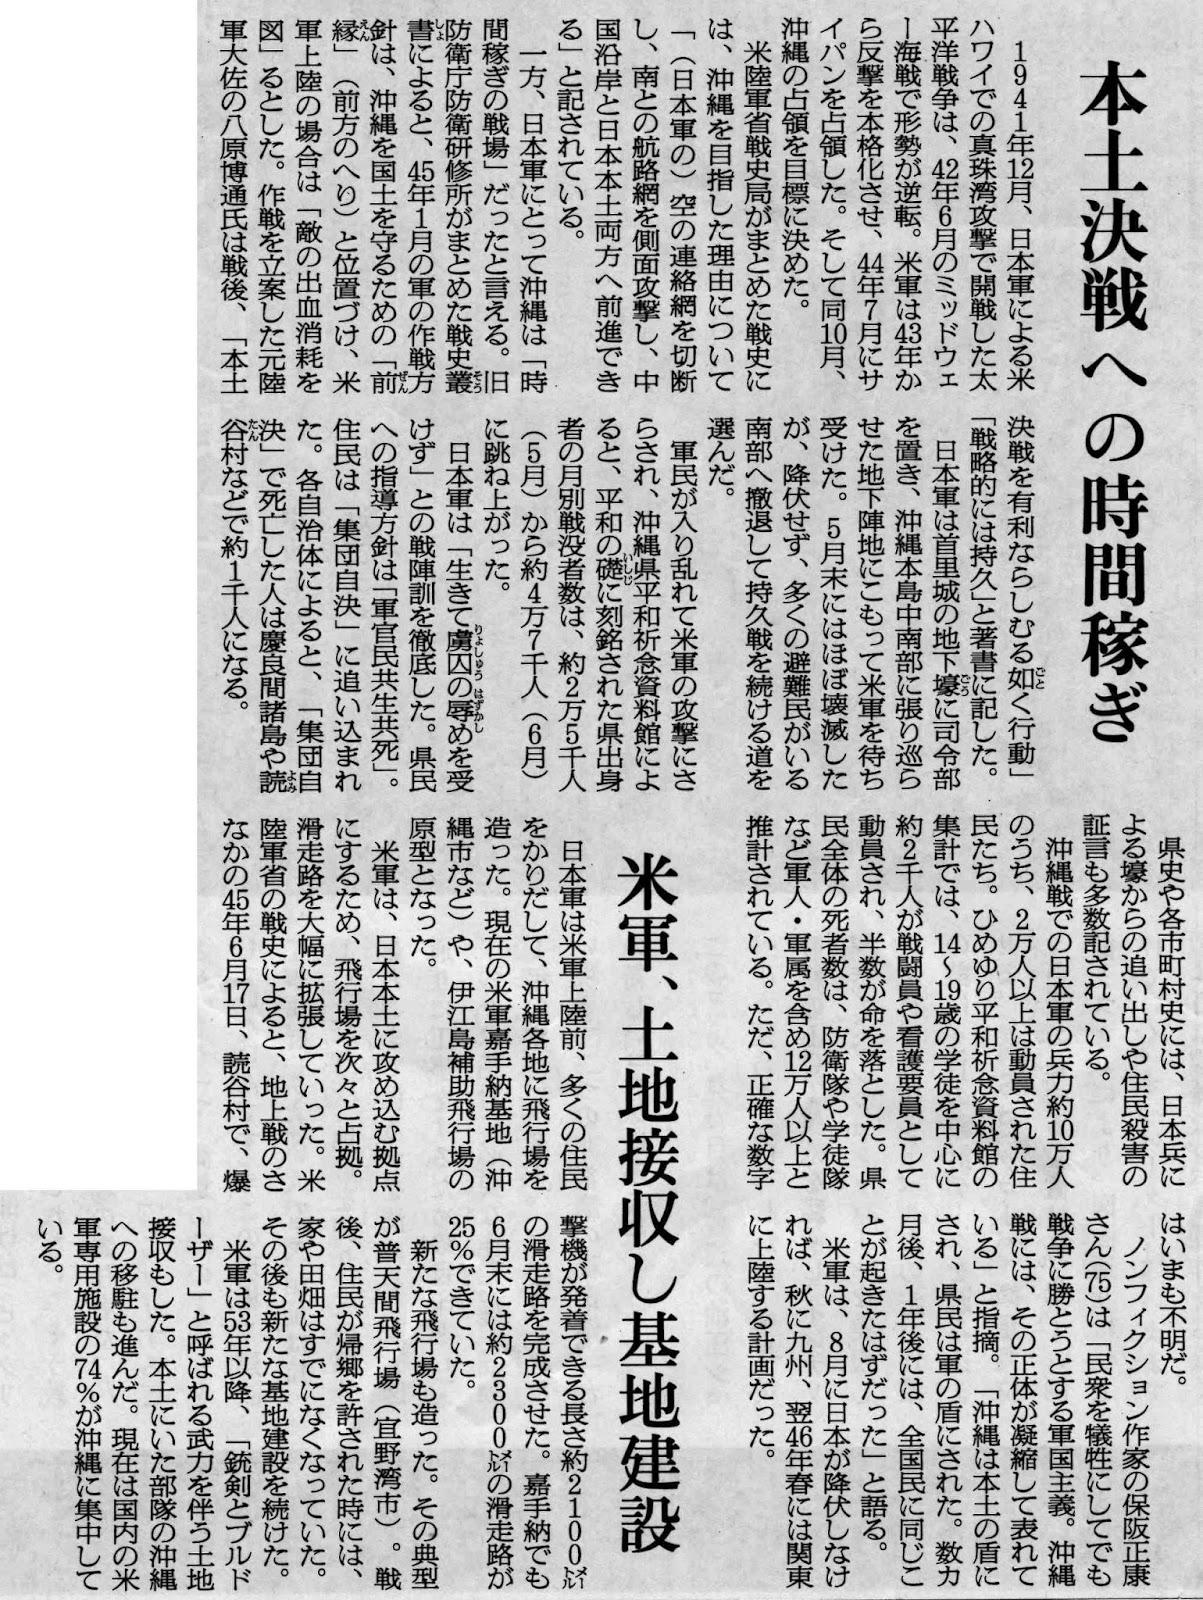 黙翁日録: 沖縄戦 「民も兵も捨て駒」に (『朝日新聞』) 投降 ...